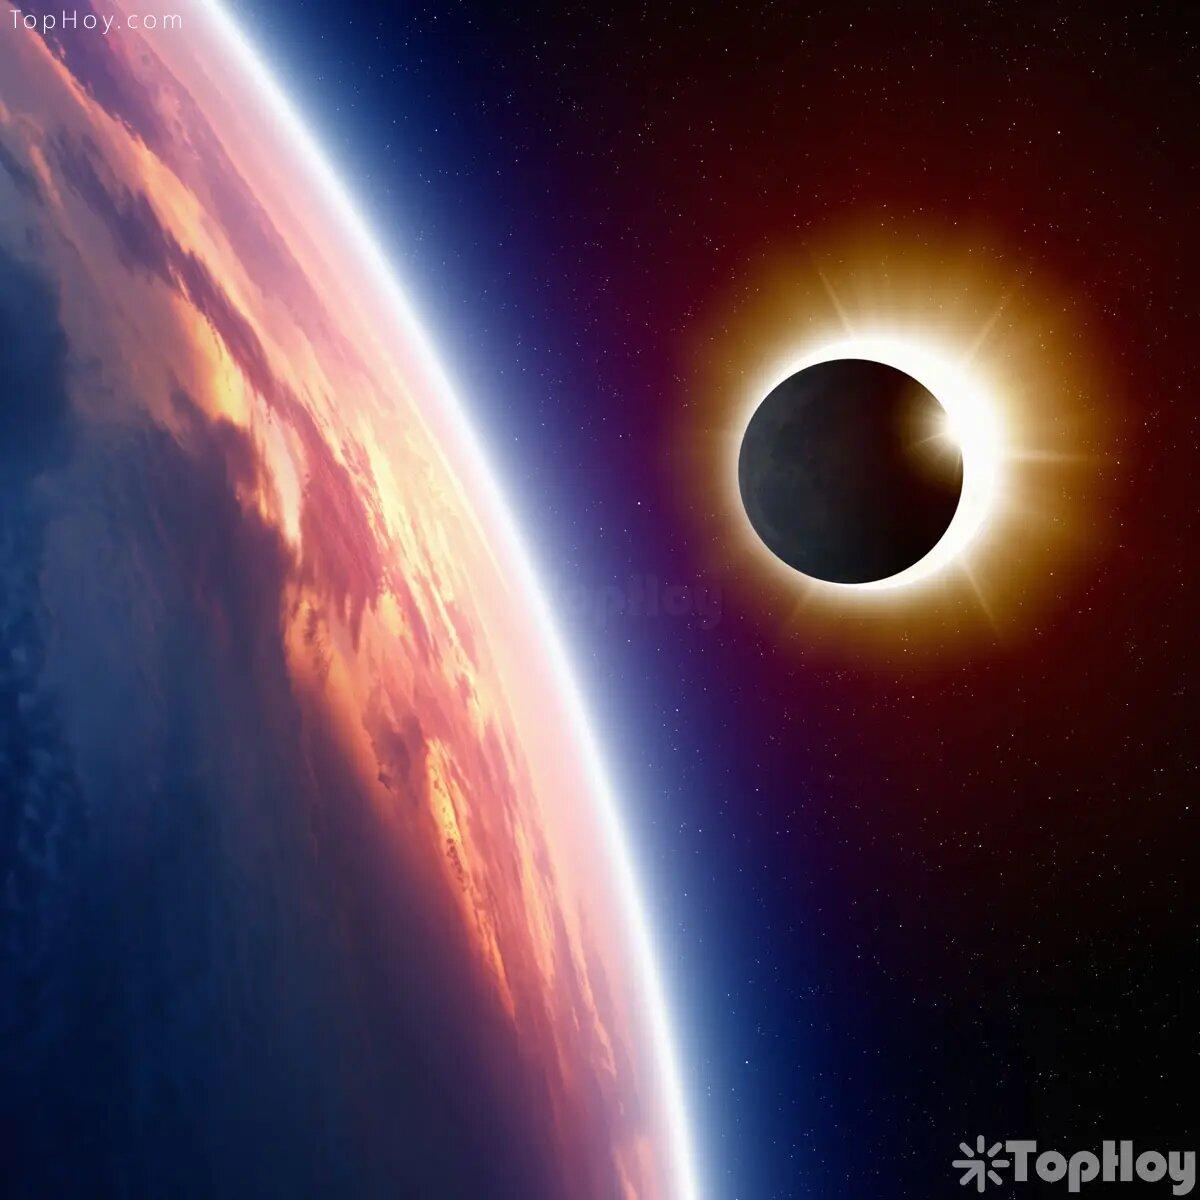 El sol es 400 veces más grande que la Luna, pero en un eclipse se ven del igual tamaño por la distancia de cada uno respecto a la tierra.